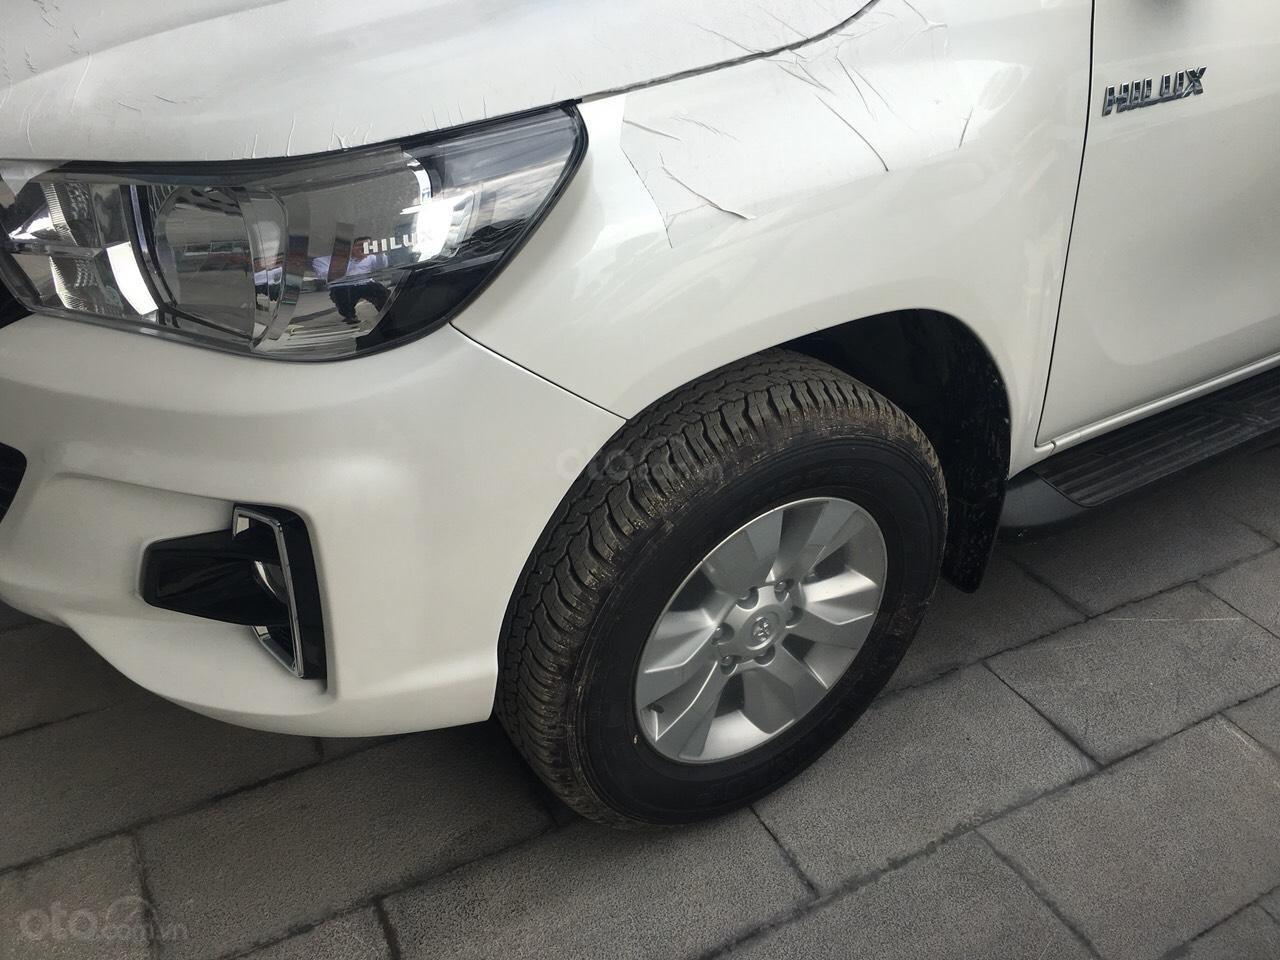 Mua bán Toyota Hilux giá rẻ nhất, giảm ngay tiền mặt, tặng phụ kiện, hỗ trợ trả góp 80%, LH: 0945 446 186 (9)